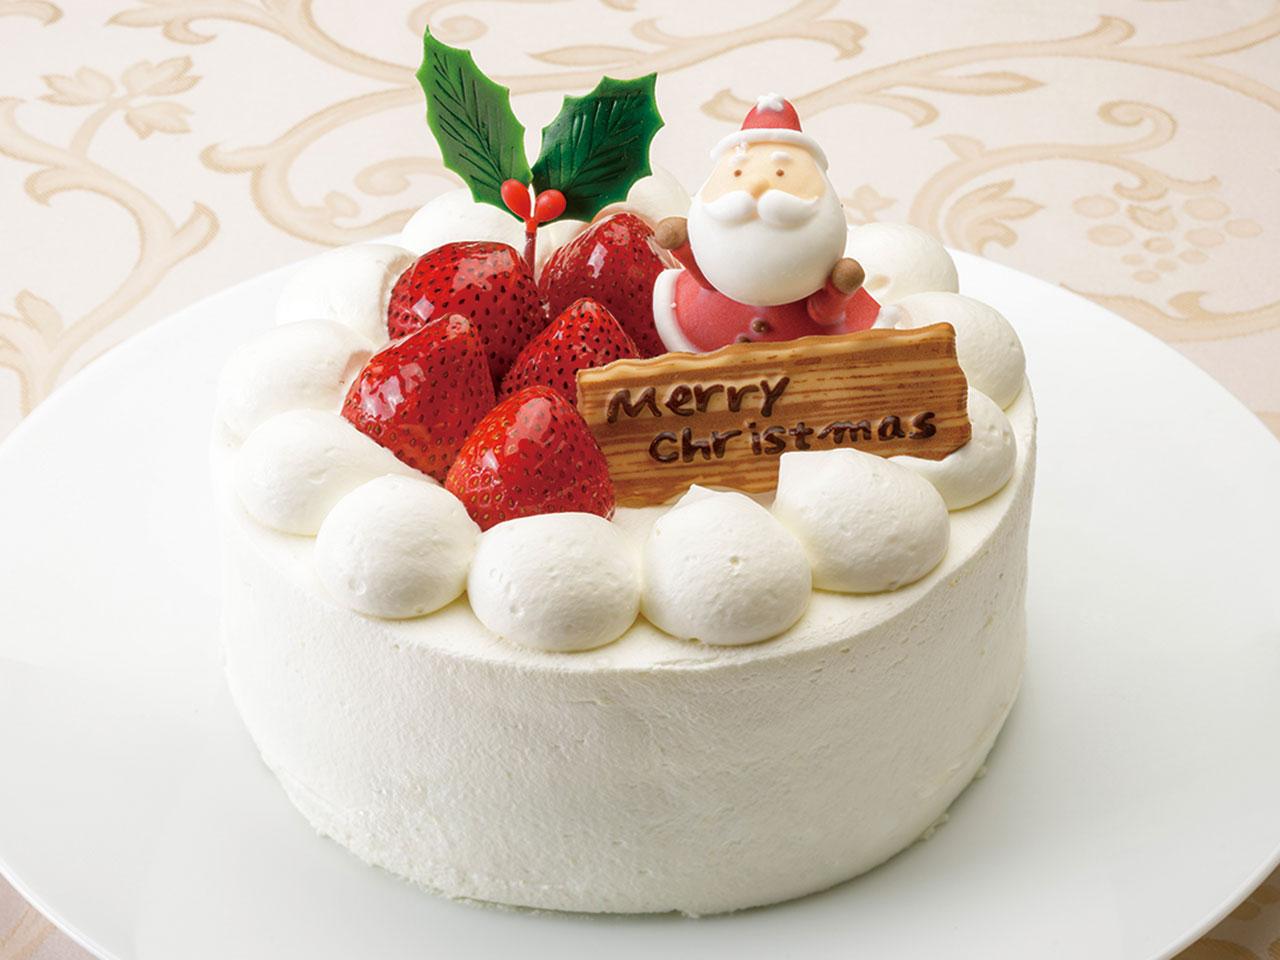 12月はまるごと クリスマス気分 Enjoy! Christmas